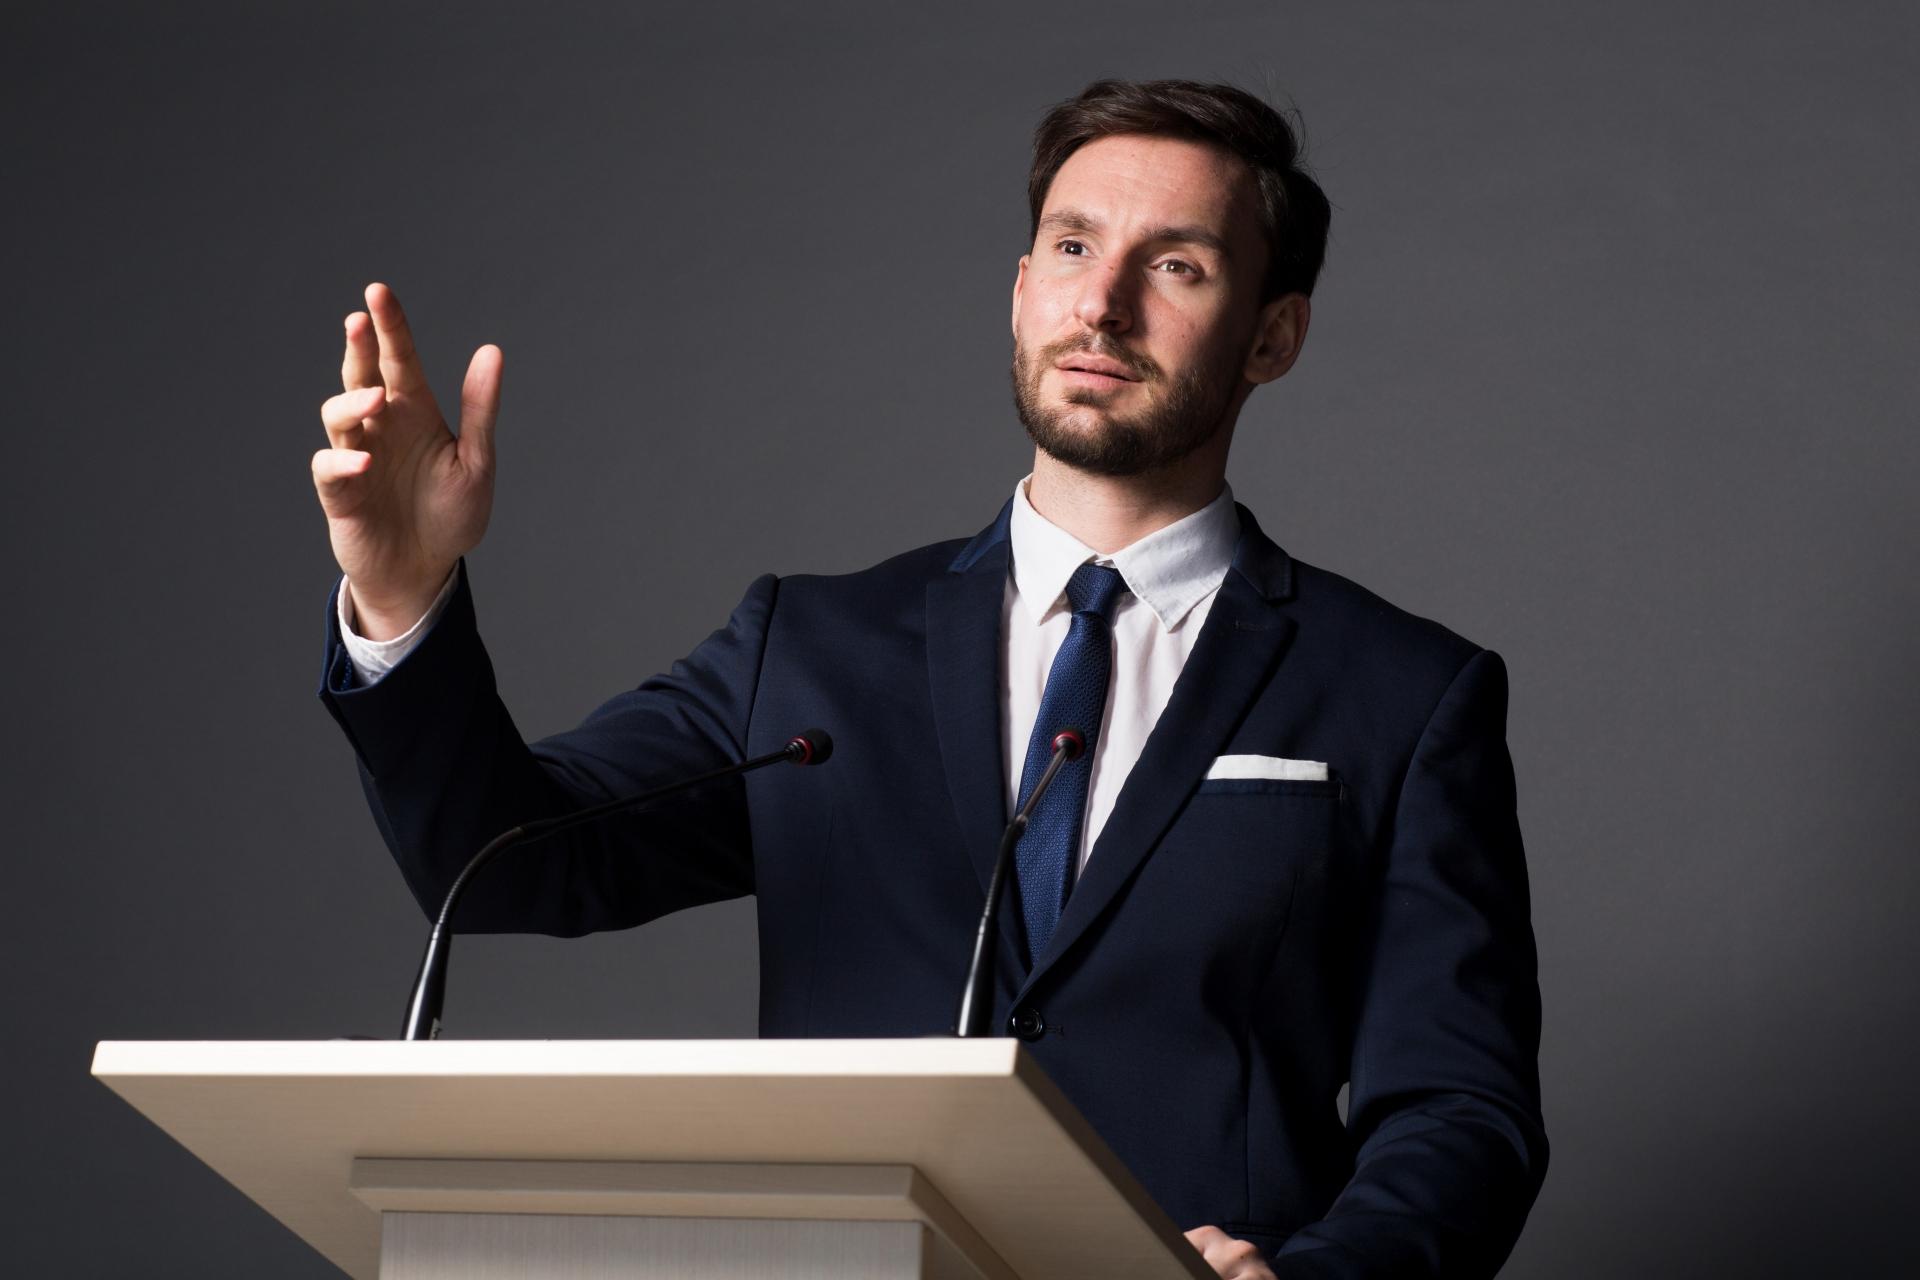 選ばれる人になるスピーチコンサル